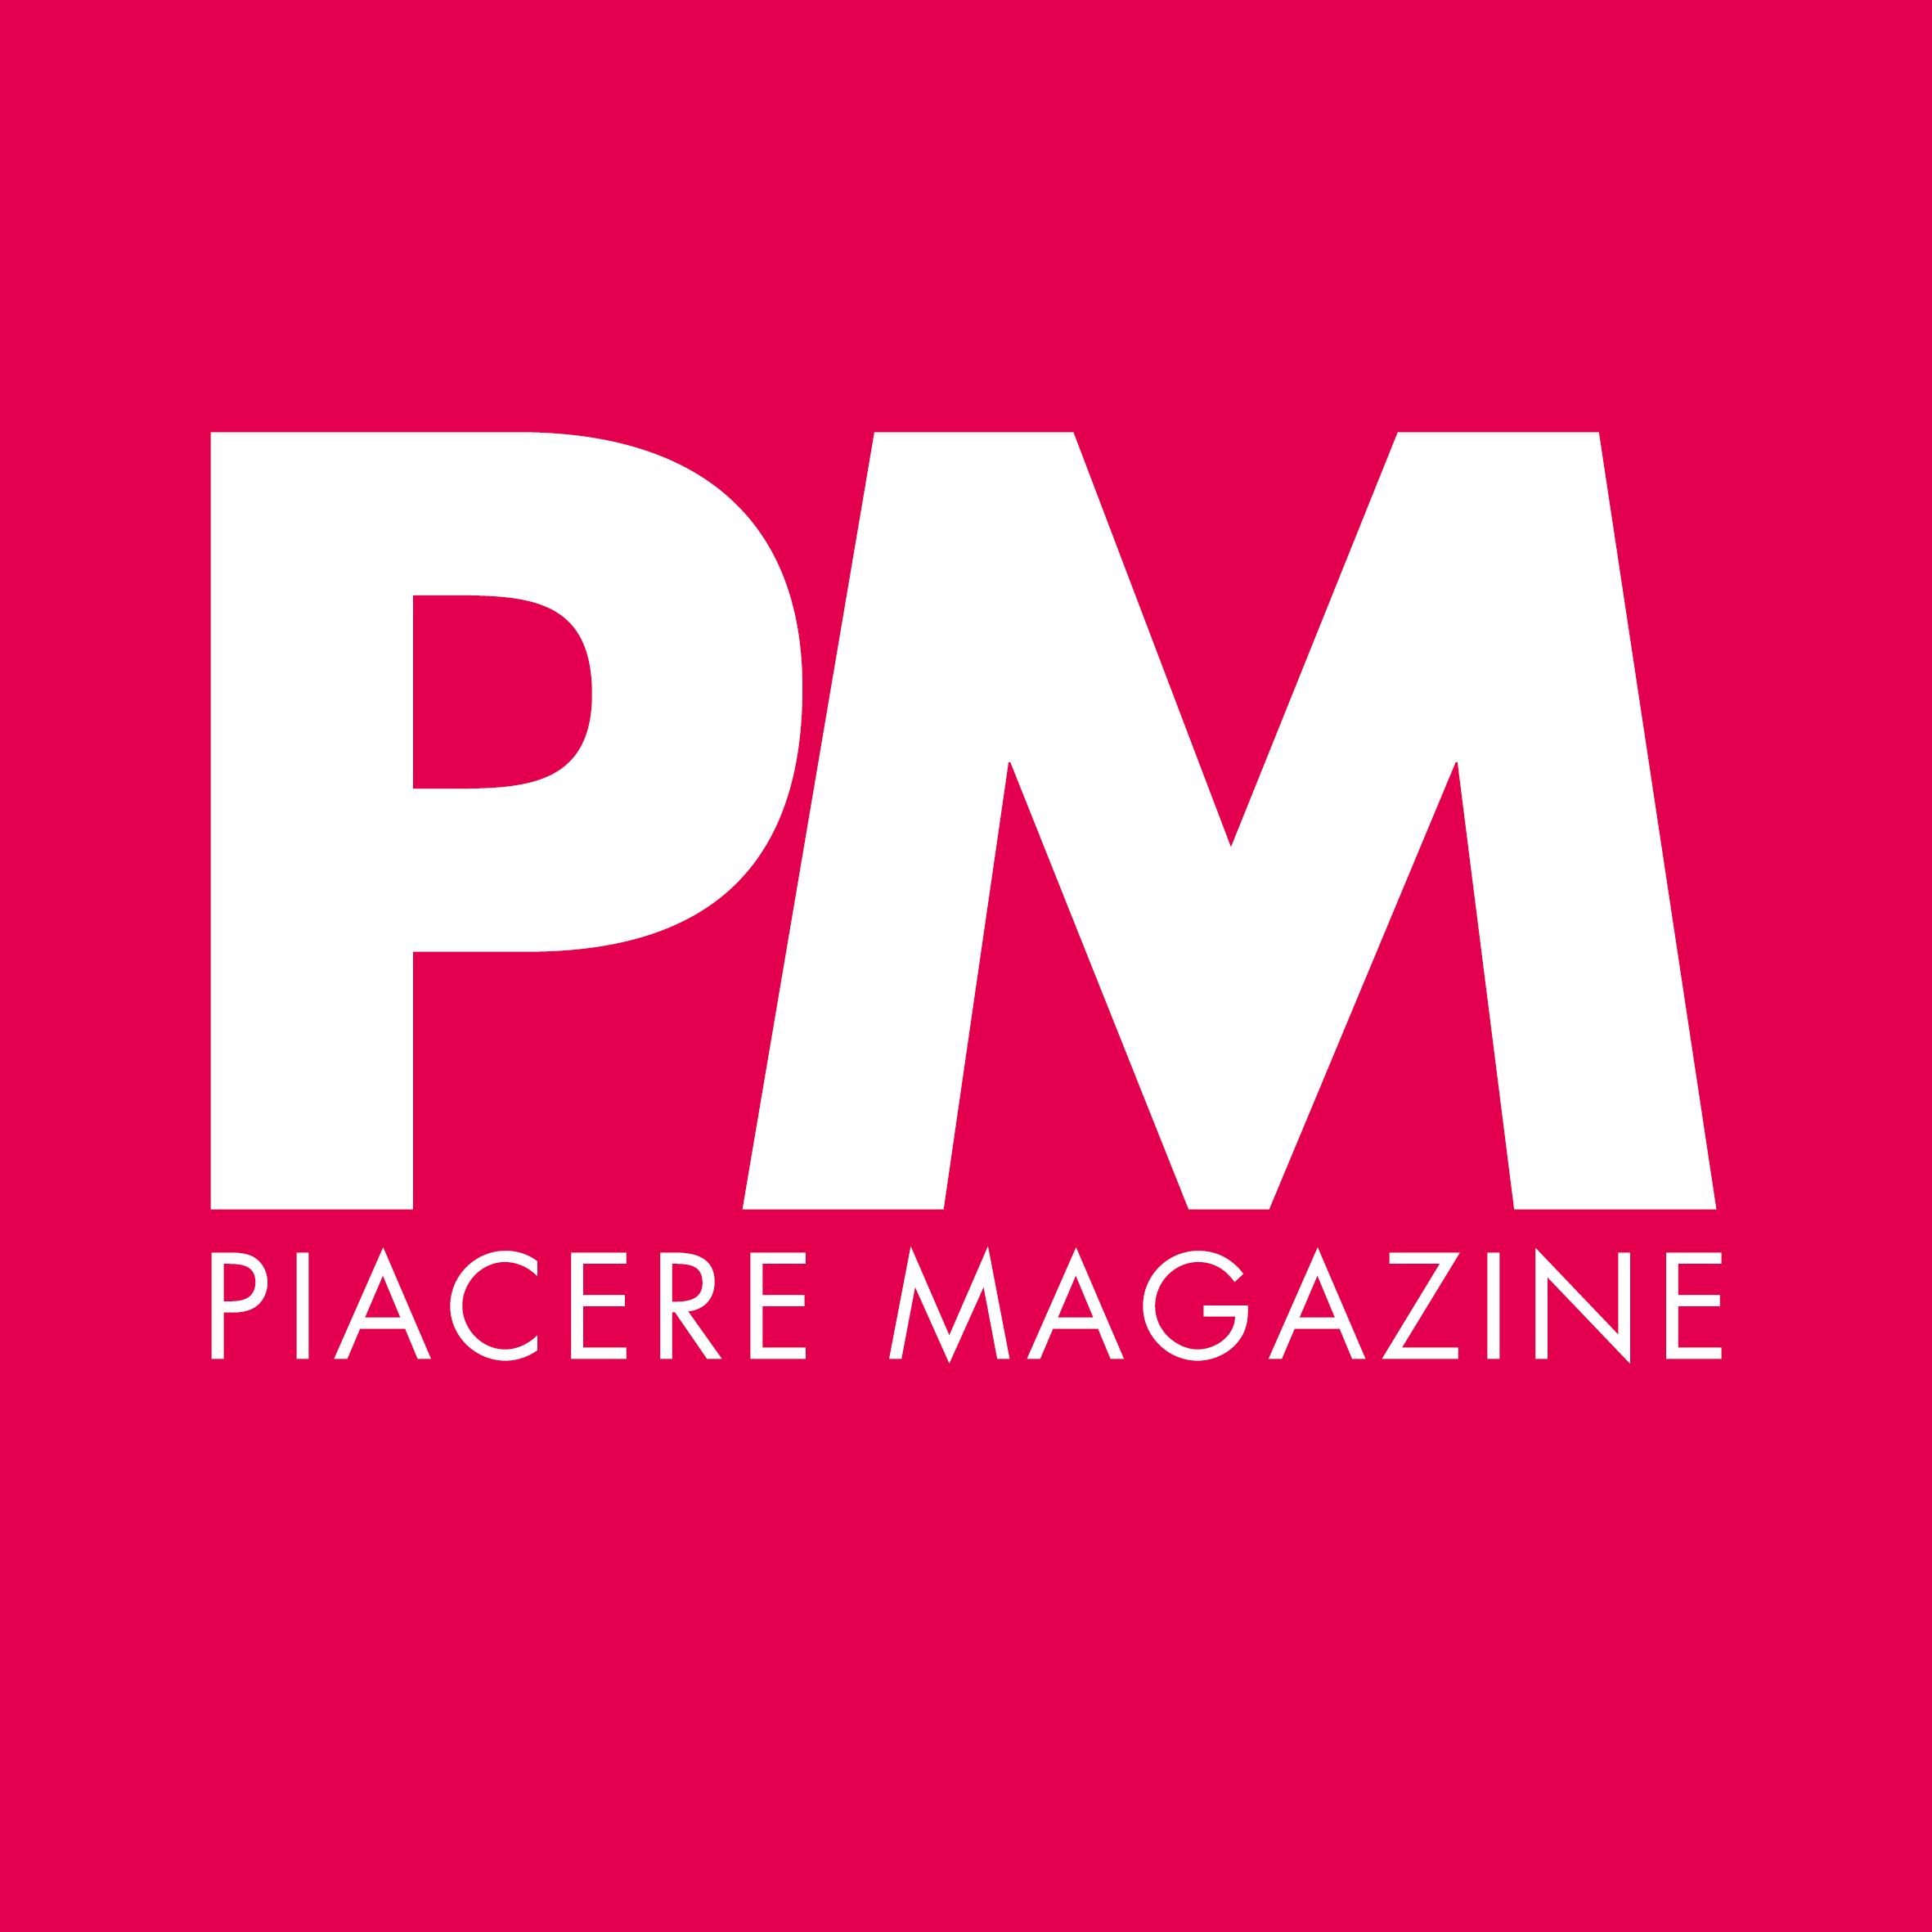 PM PROVA 5